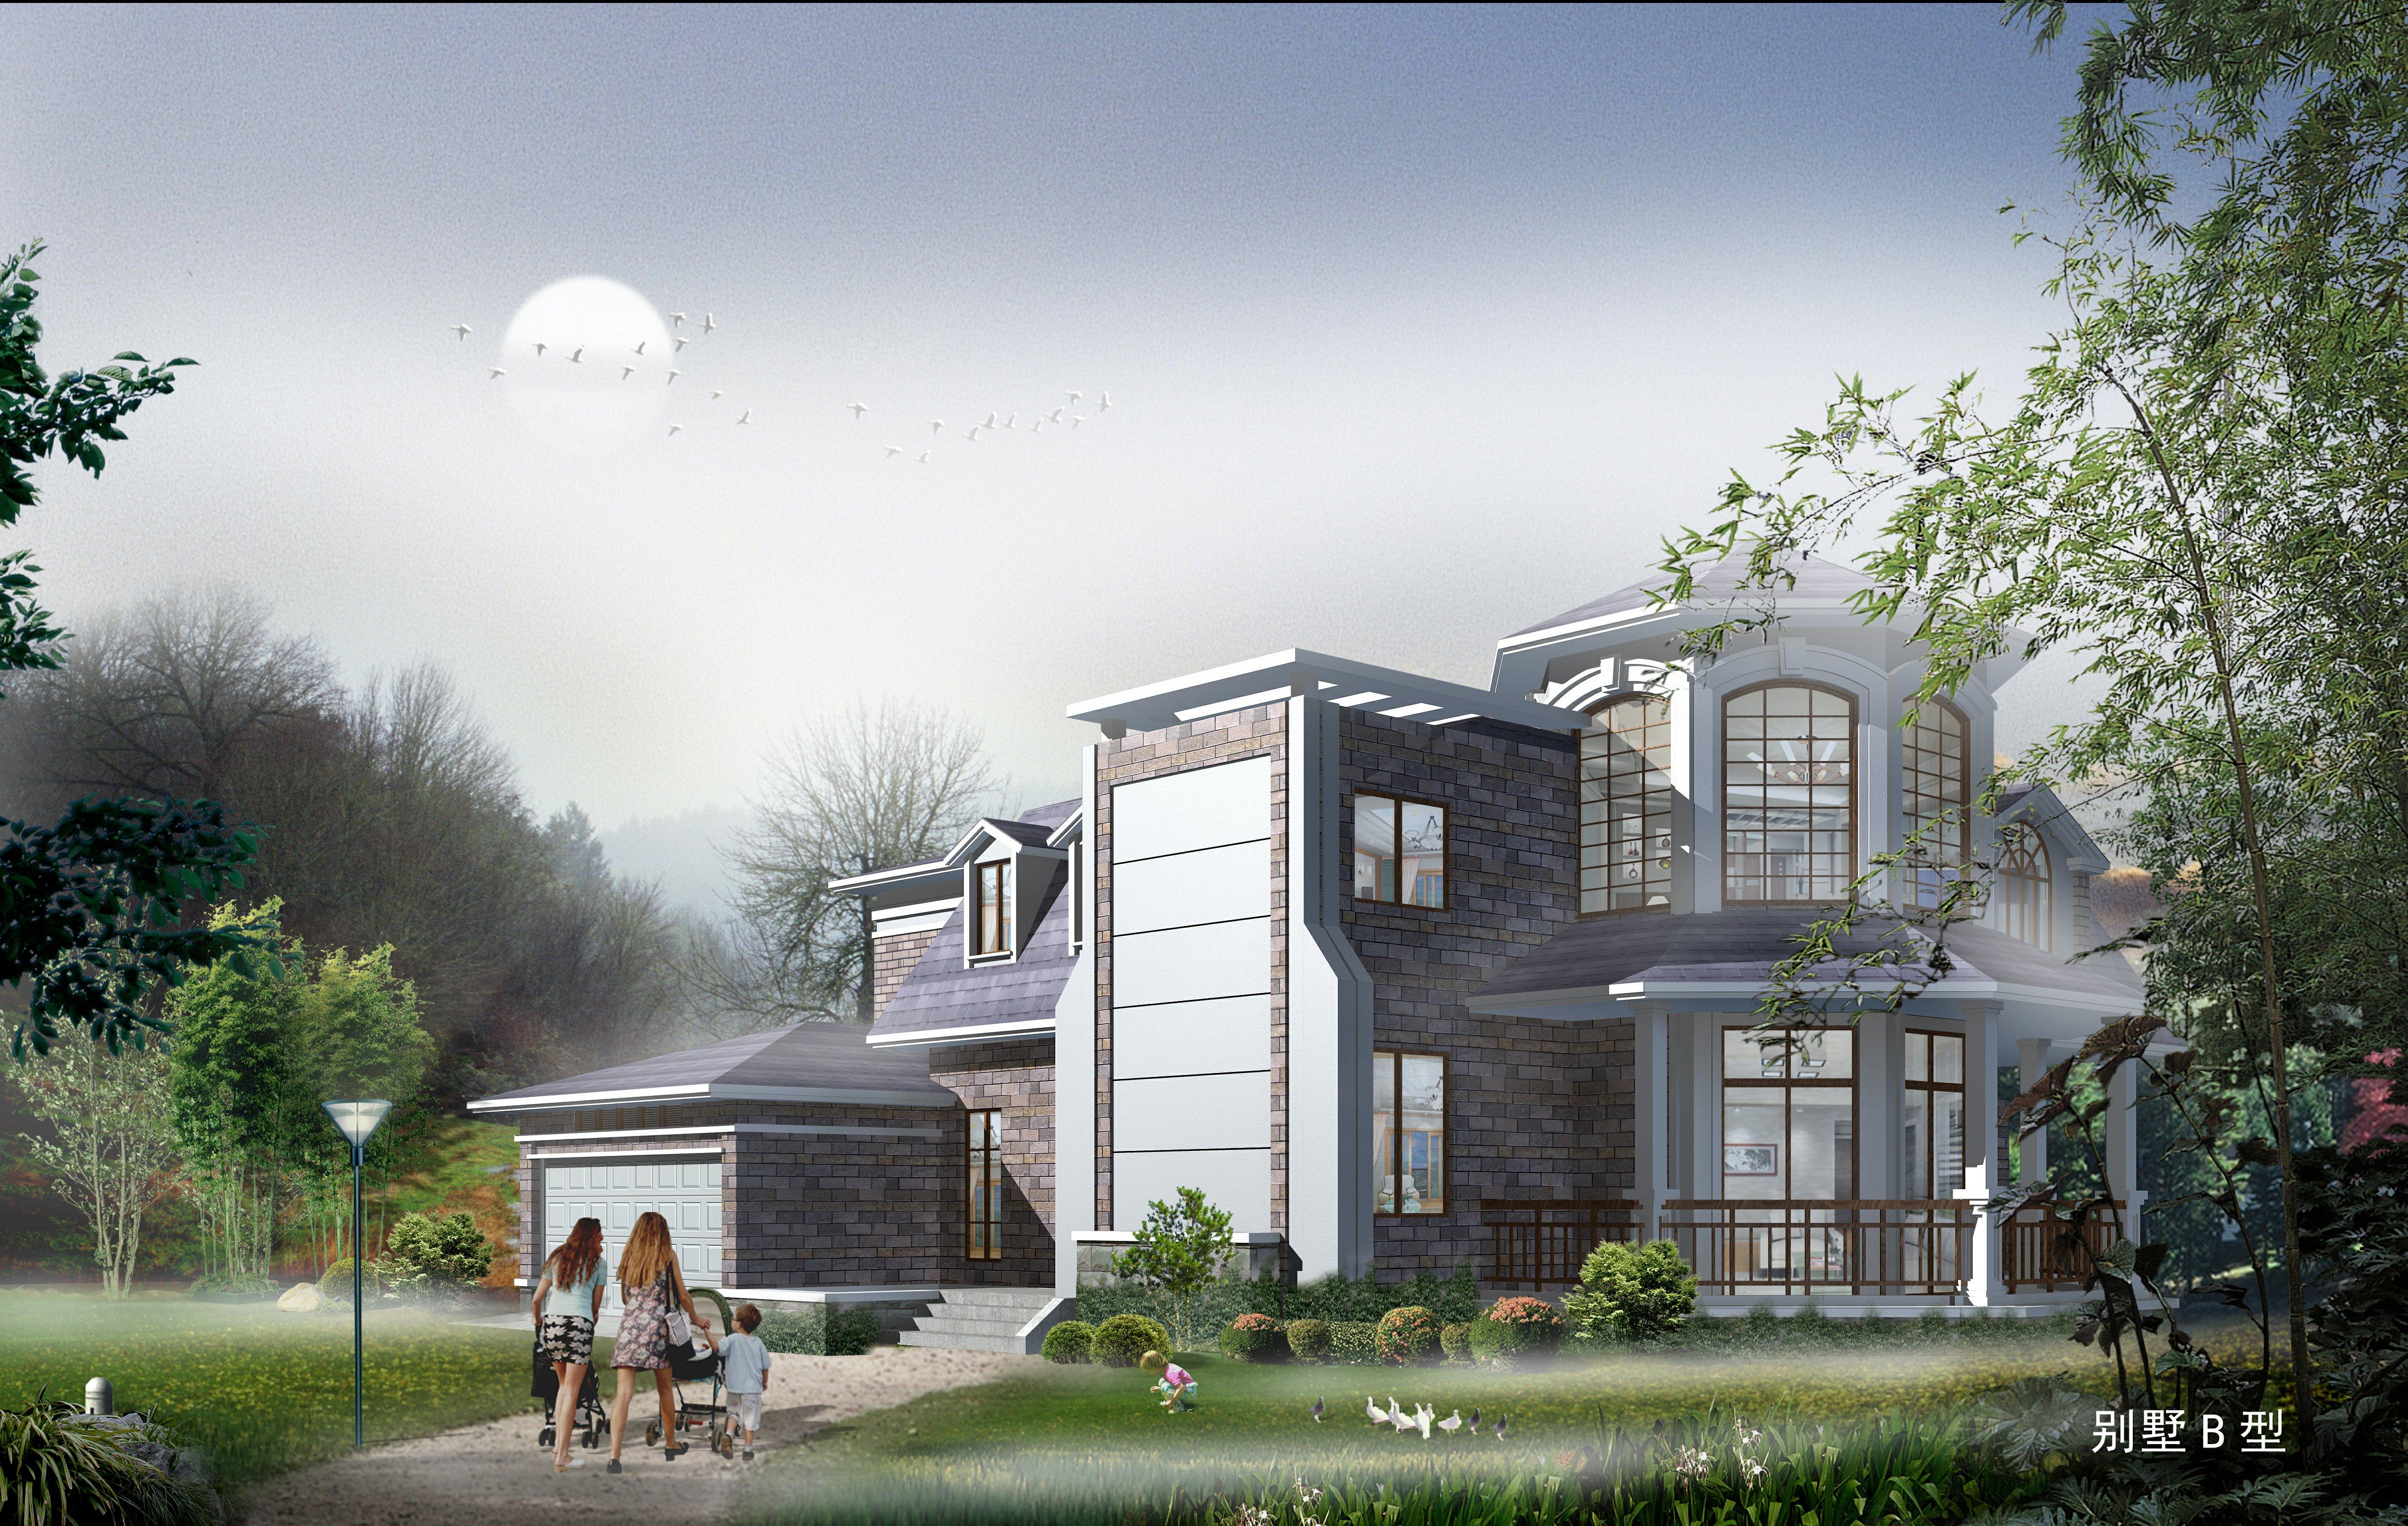 自建房cad别墅设计图效果图下载